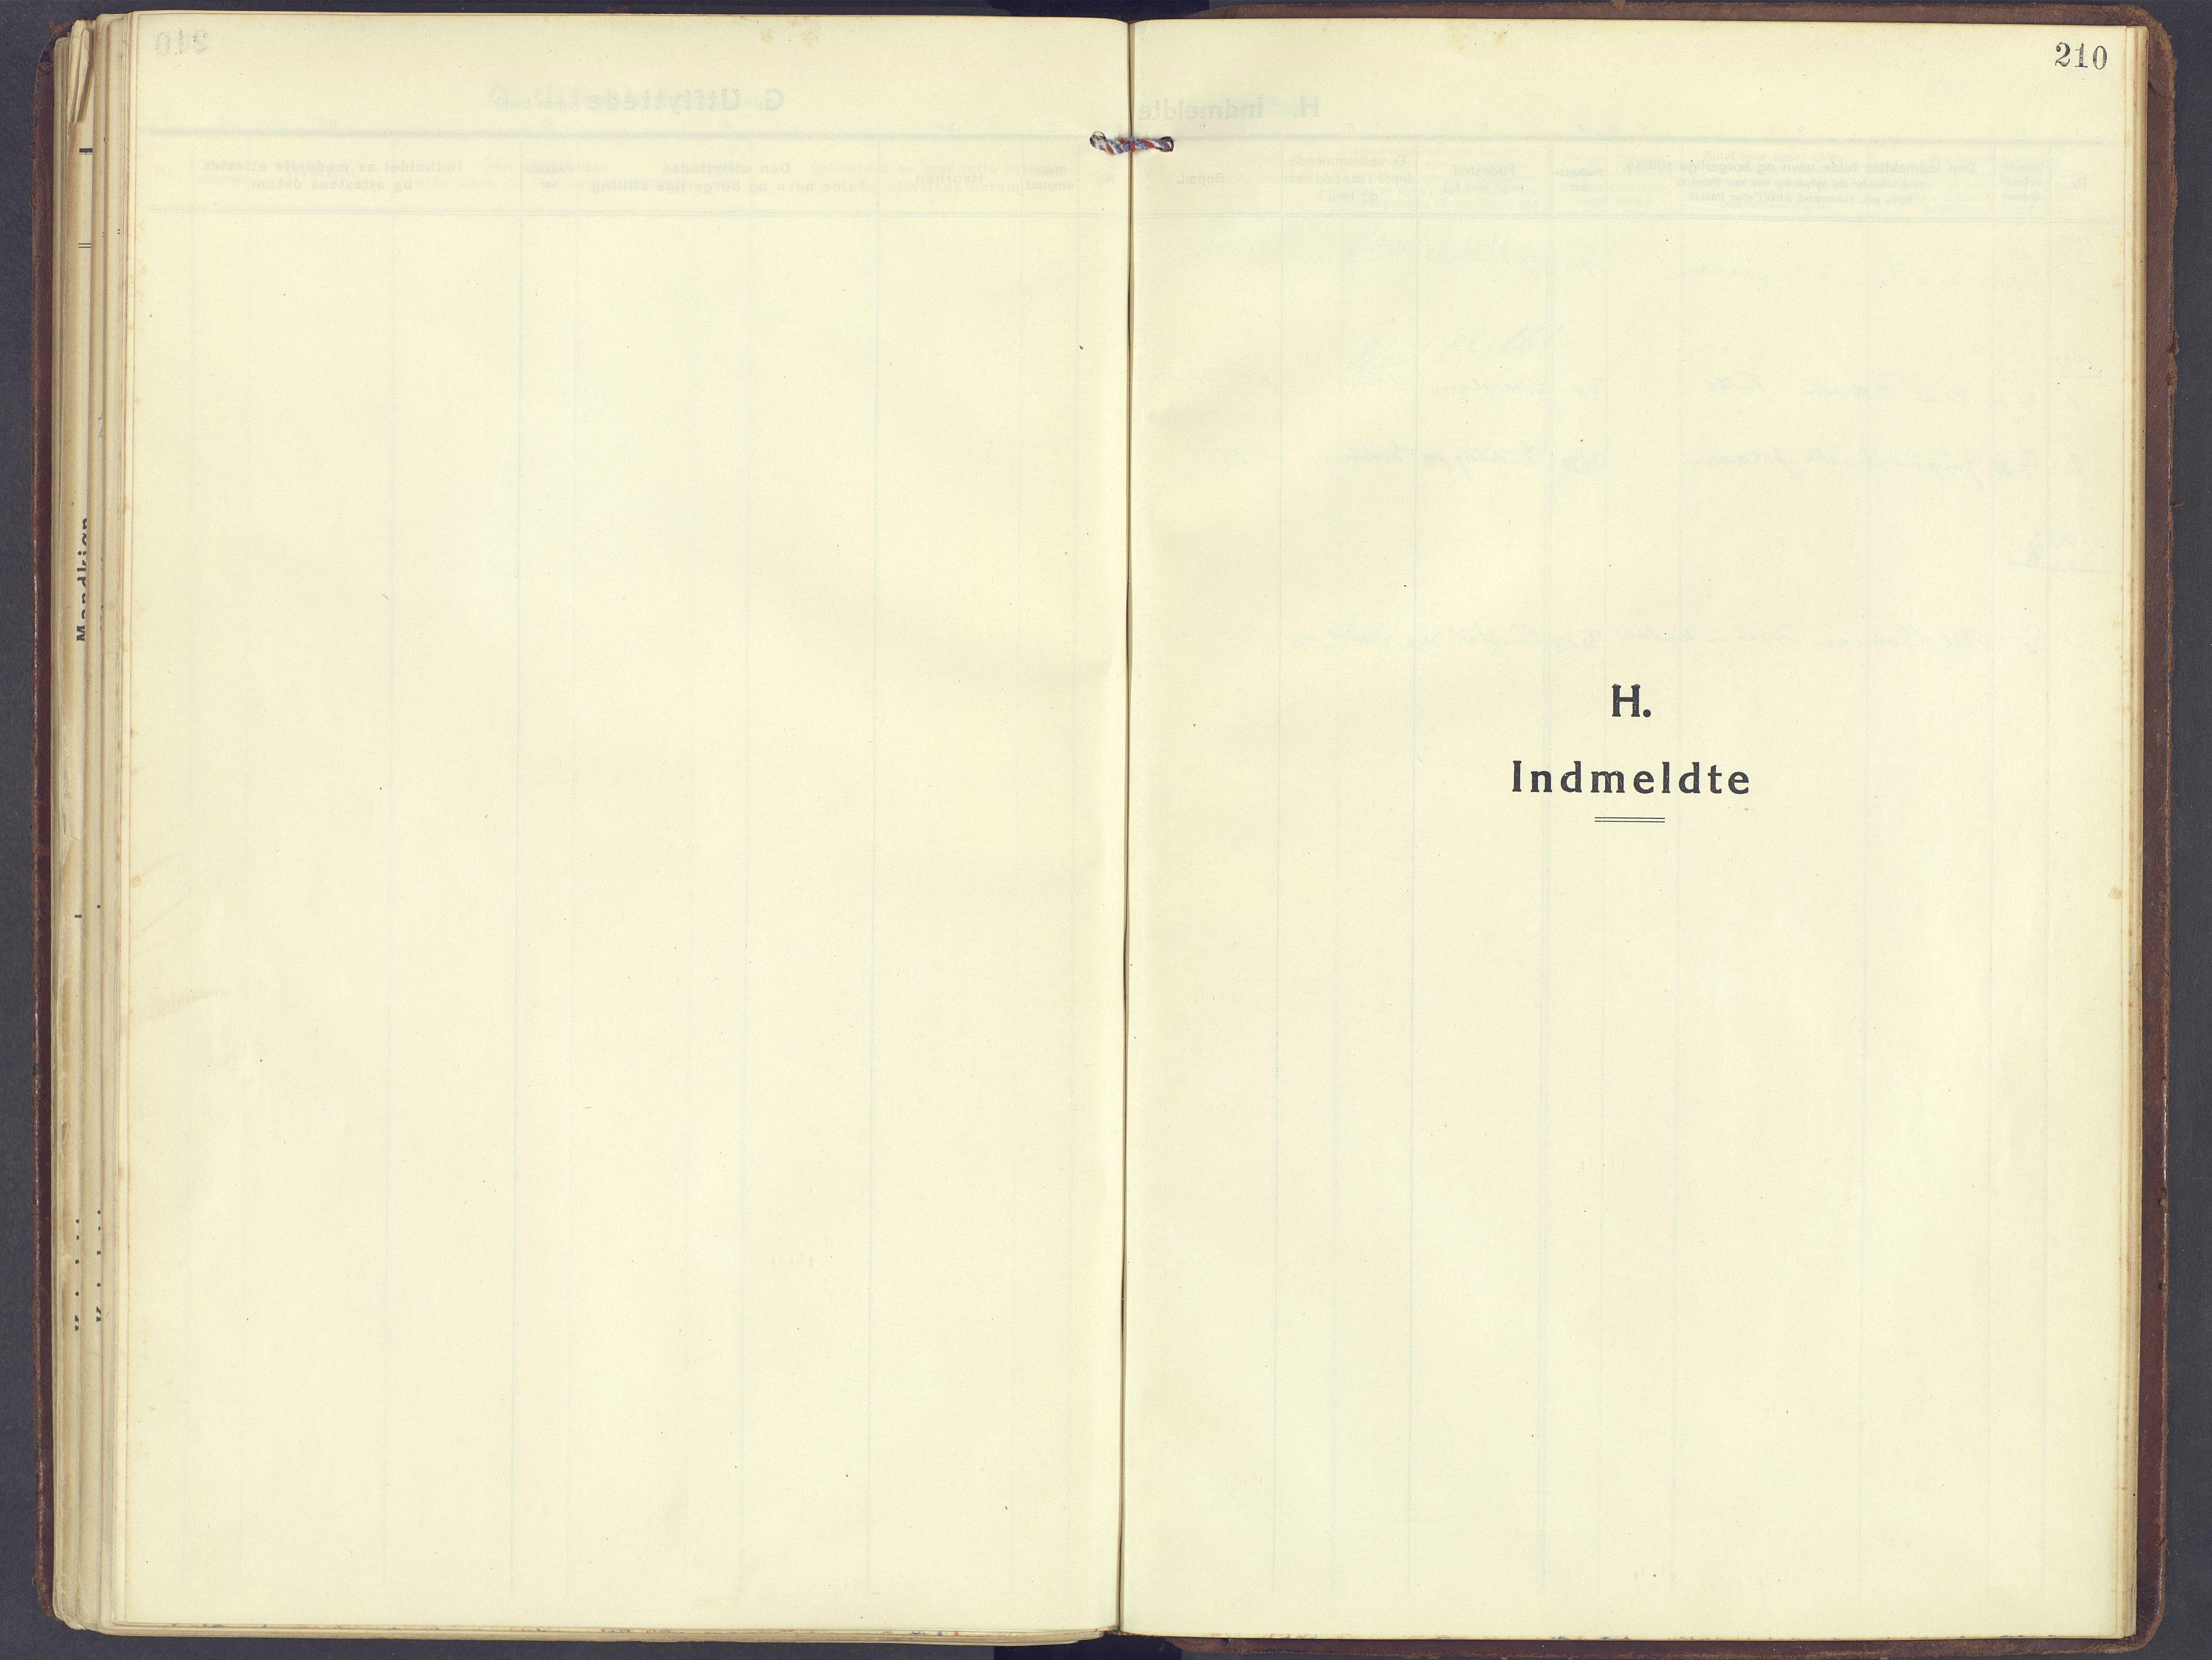 SAH, Sør-Fron prestekontor, H/Ha/Haa/L0005: Ministerialbok nr. 5, 1920-1933, s. 210